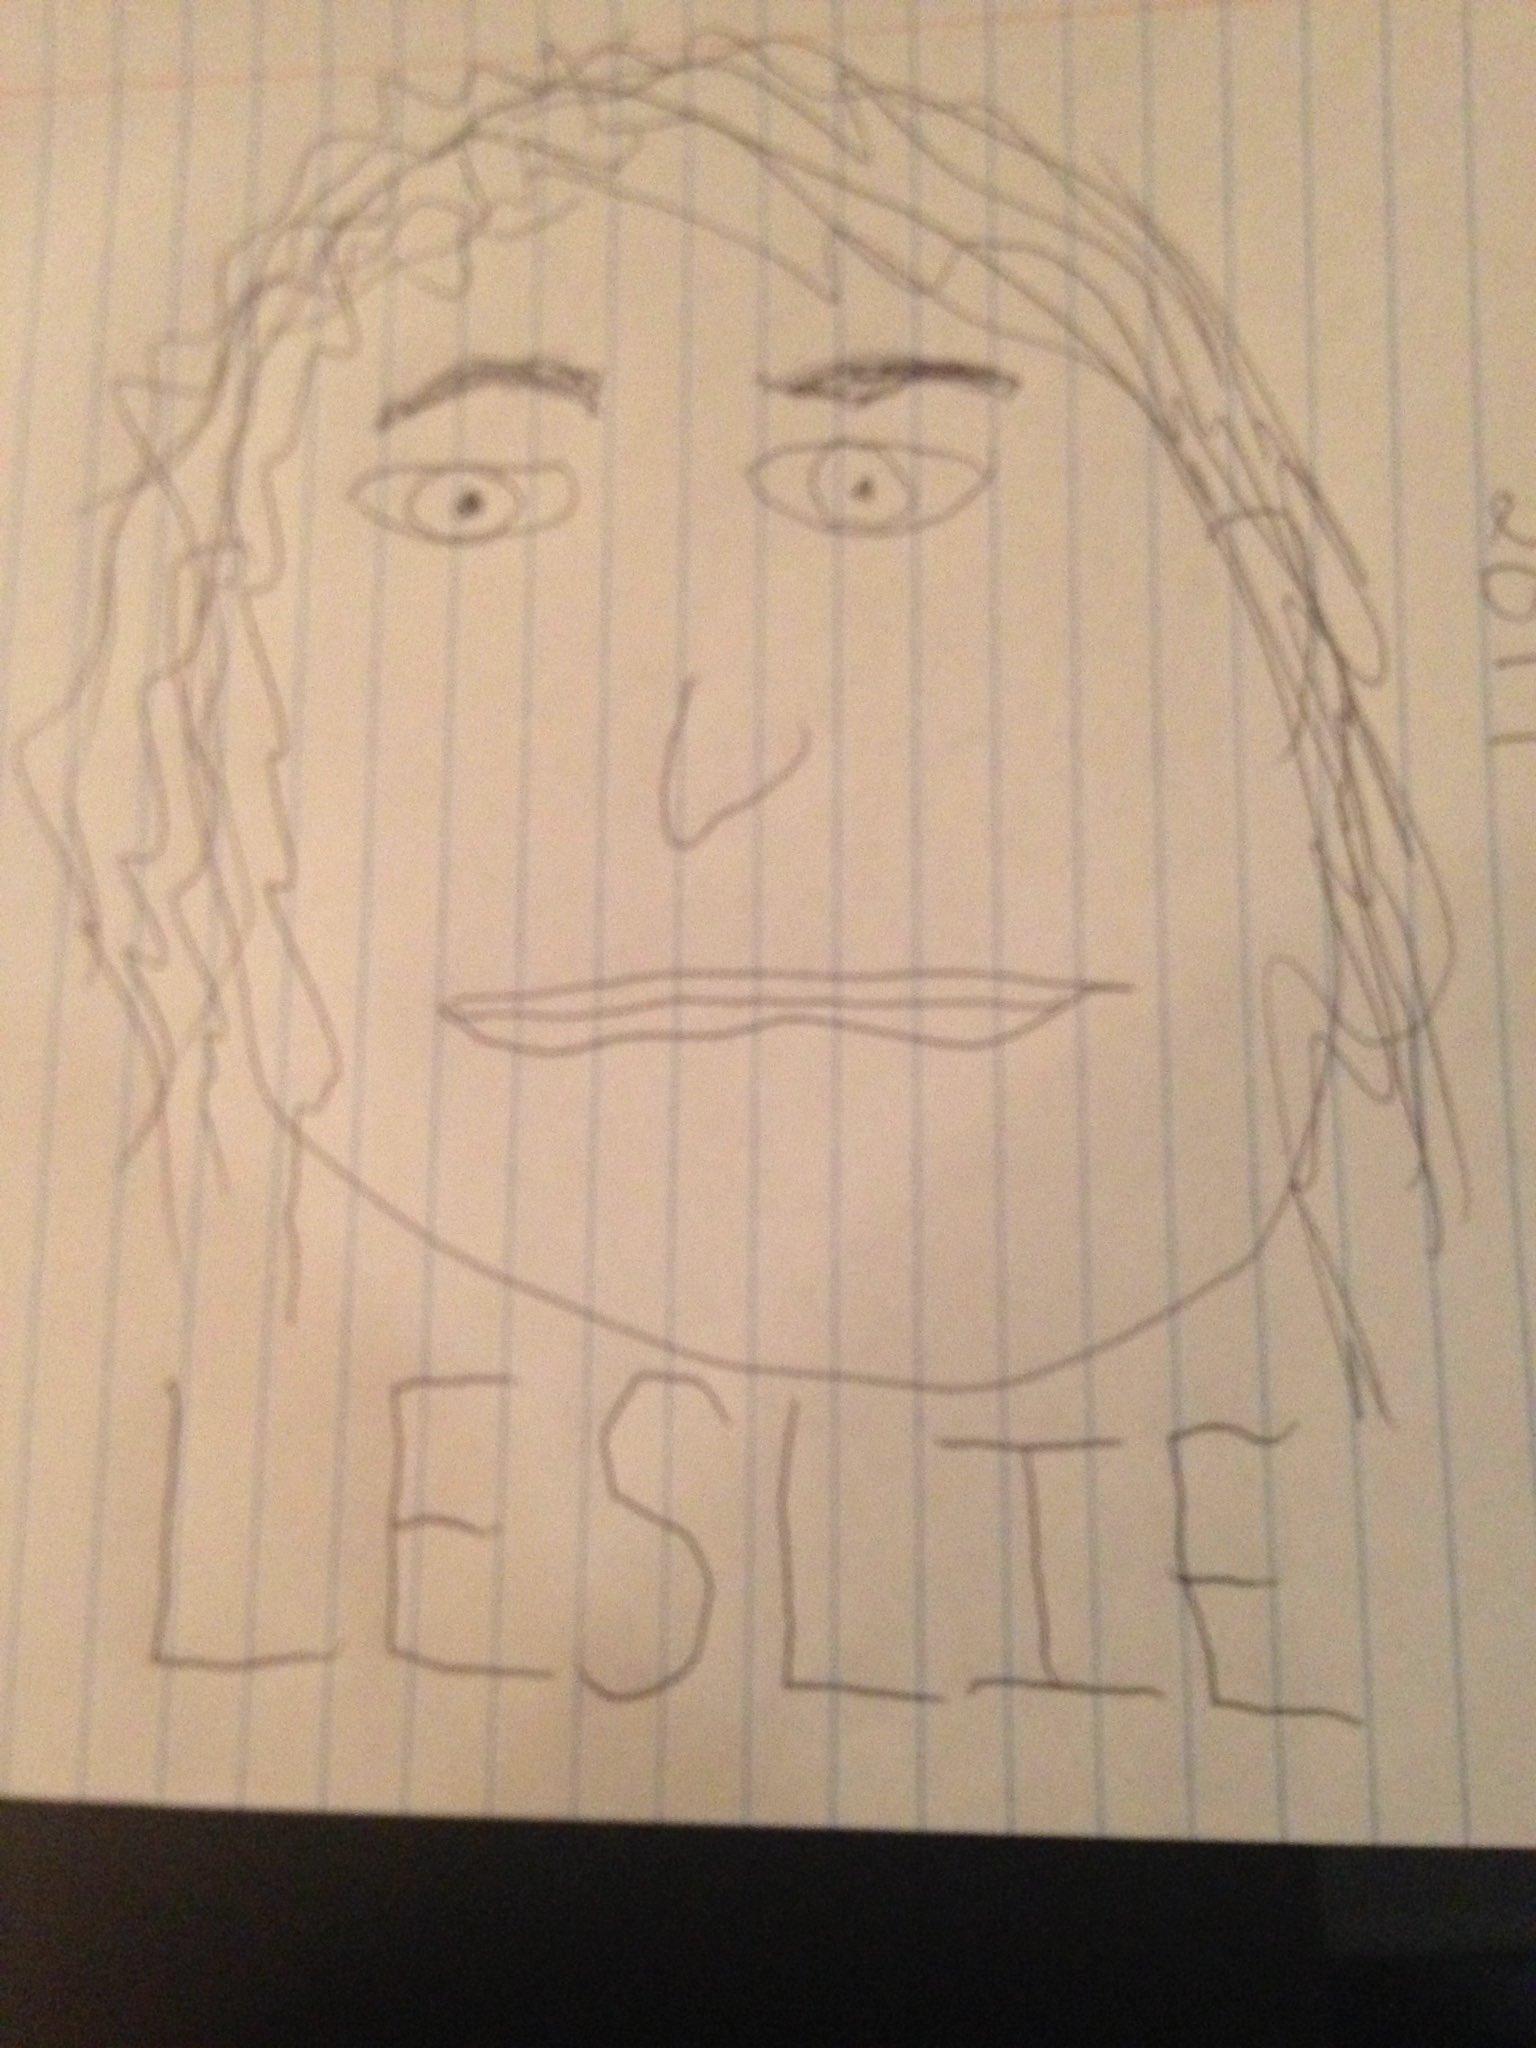 Self-portrait drawn with my left hand. #WEKY https://t.co/9NSbip0JLI